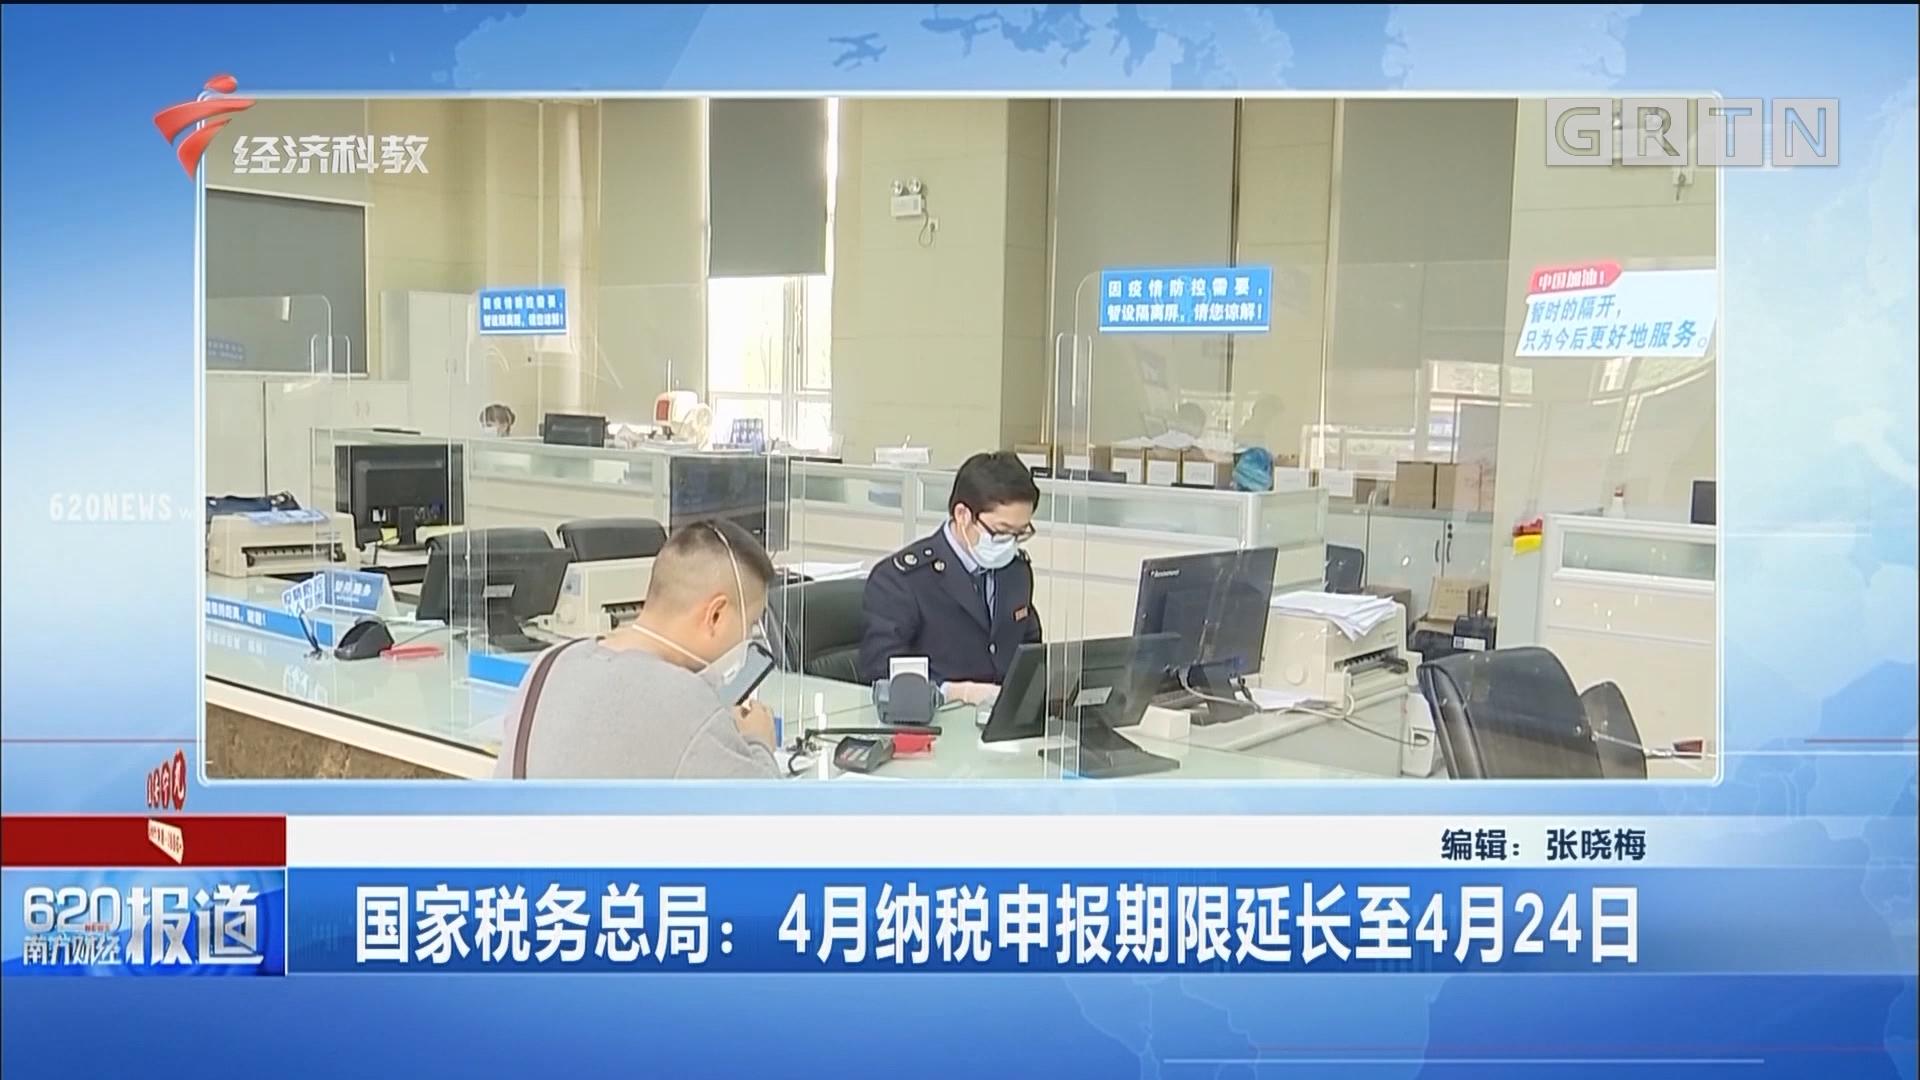 国家税务总局:4月纳税申报期限延长至4月24日